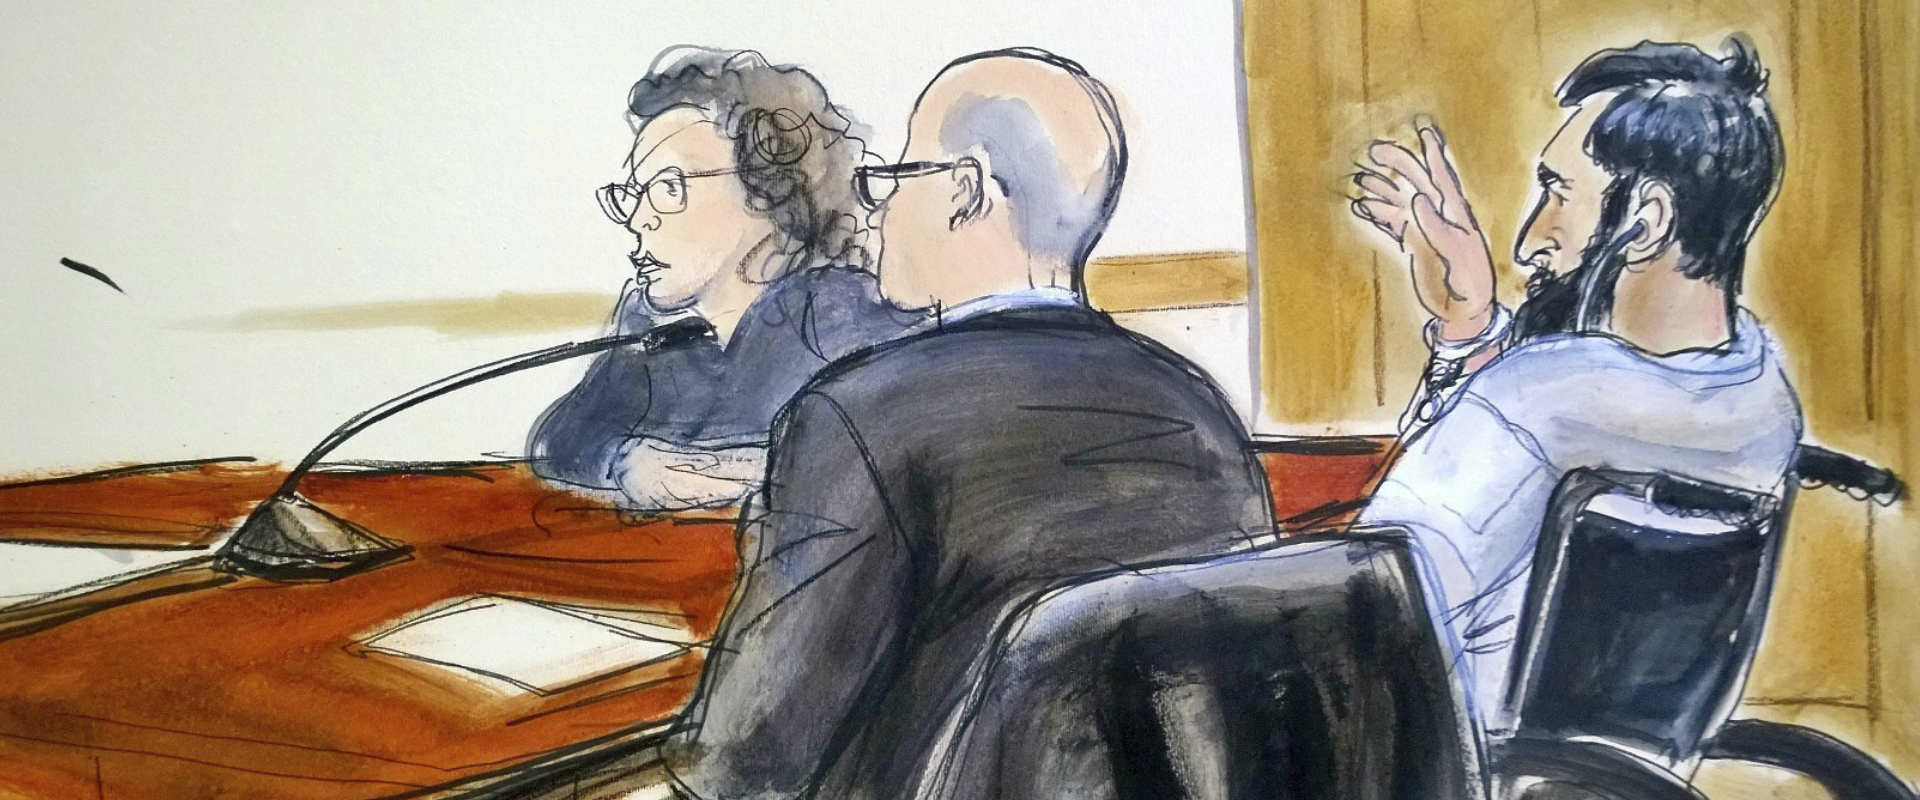 איור של סייפוב בבית המשפט, הלילה